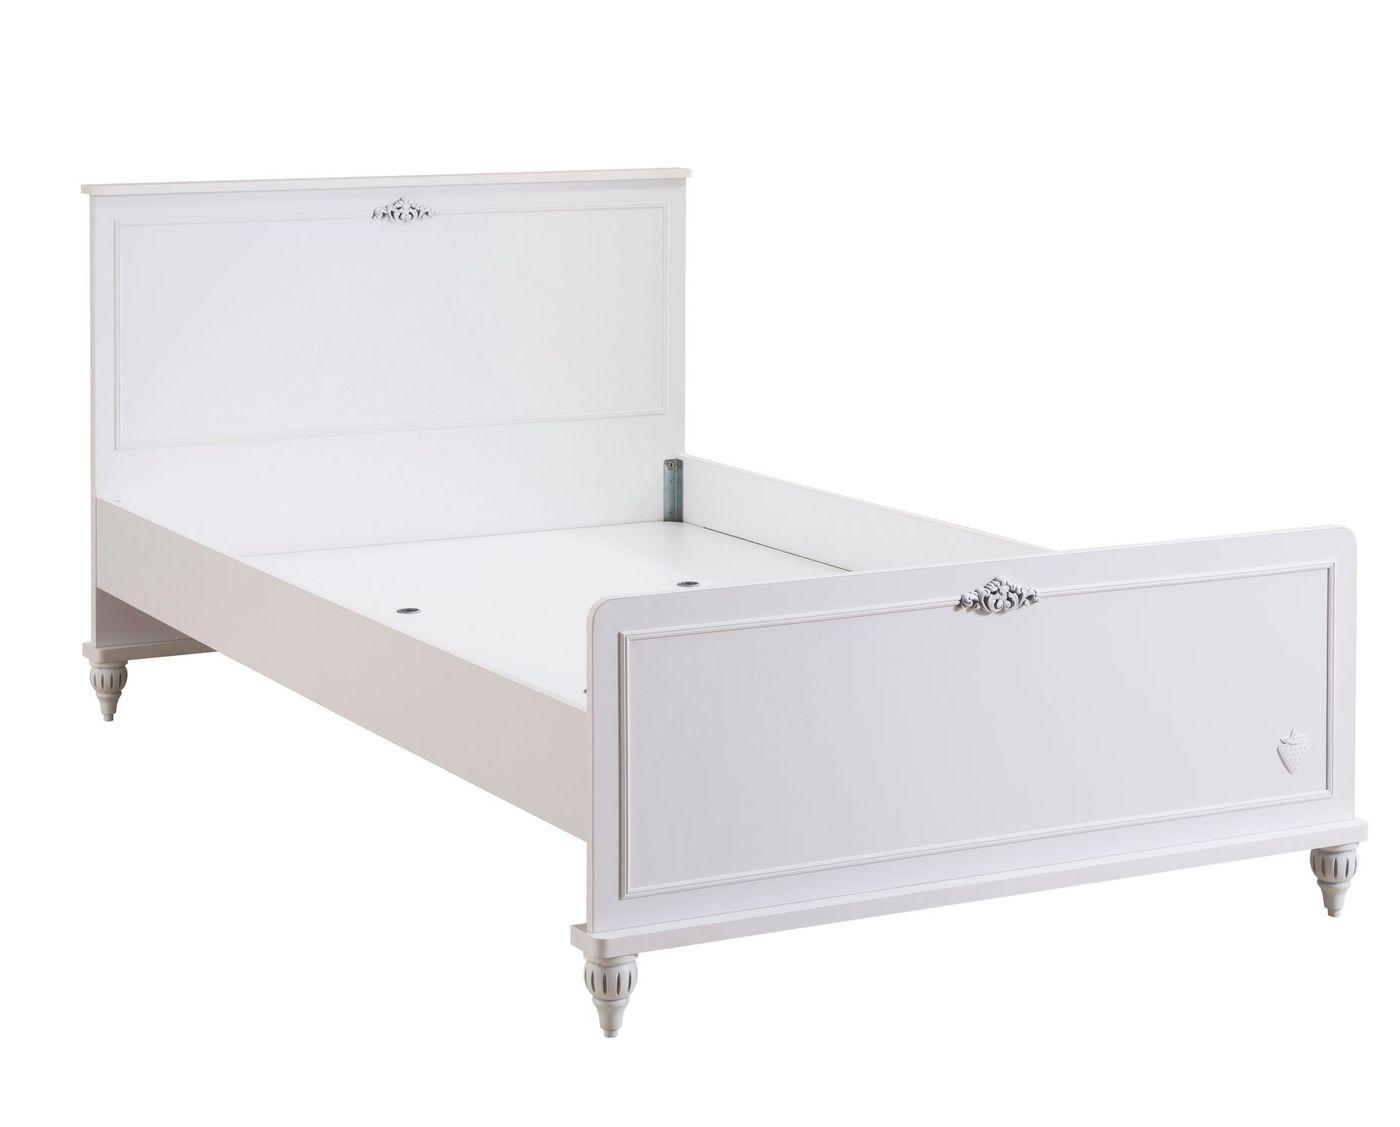 Full Size of Bett Romantica 120x200 Cm Komfort Weiß Mit Bettkasten Matratze Und Lattenrost Betten Wohnzimmer Kinderbett 120x200